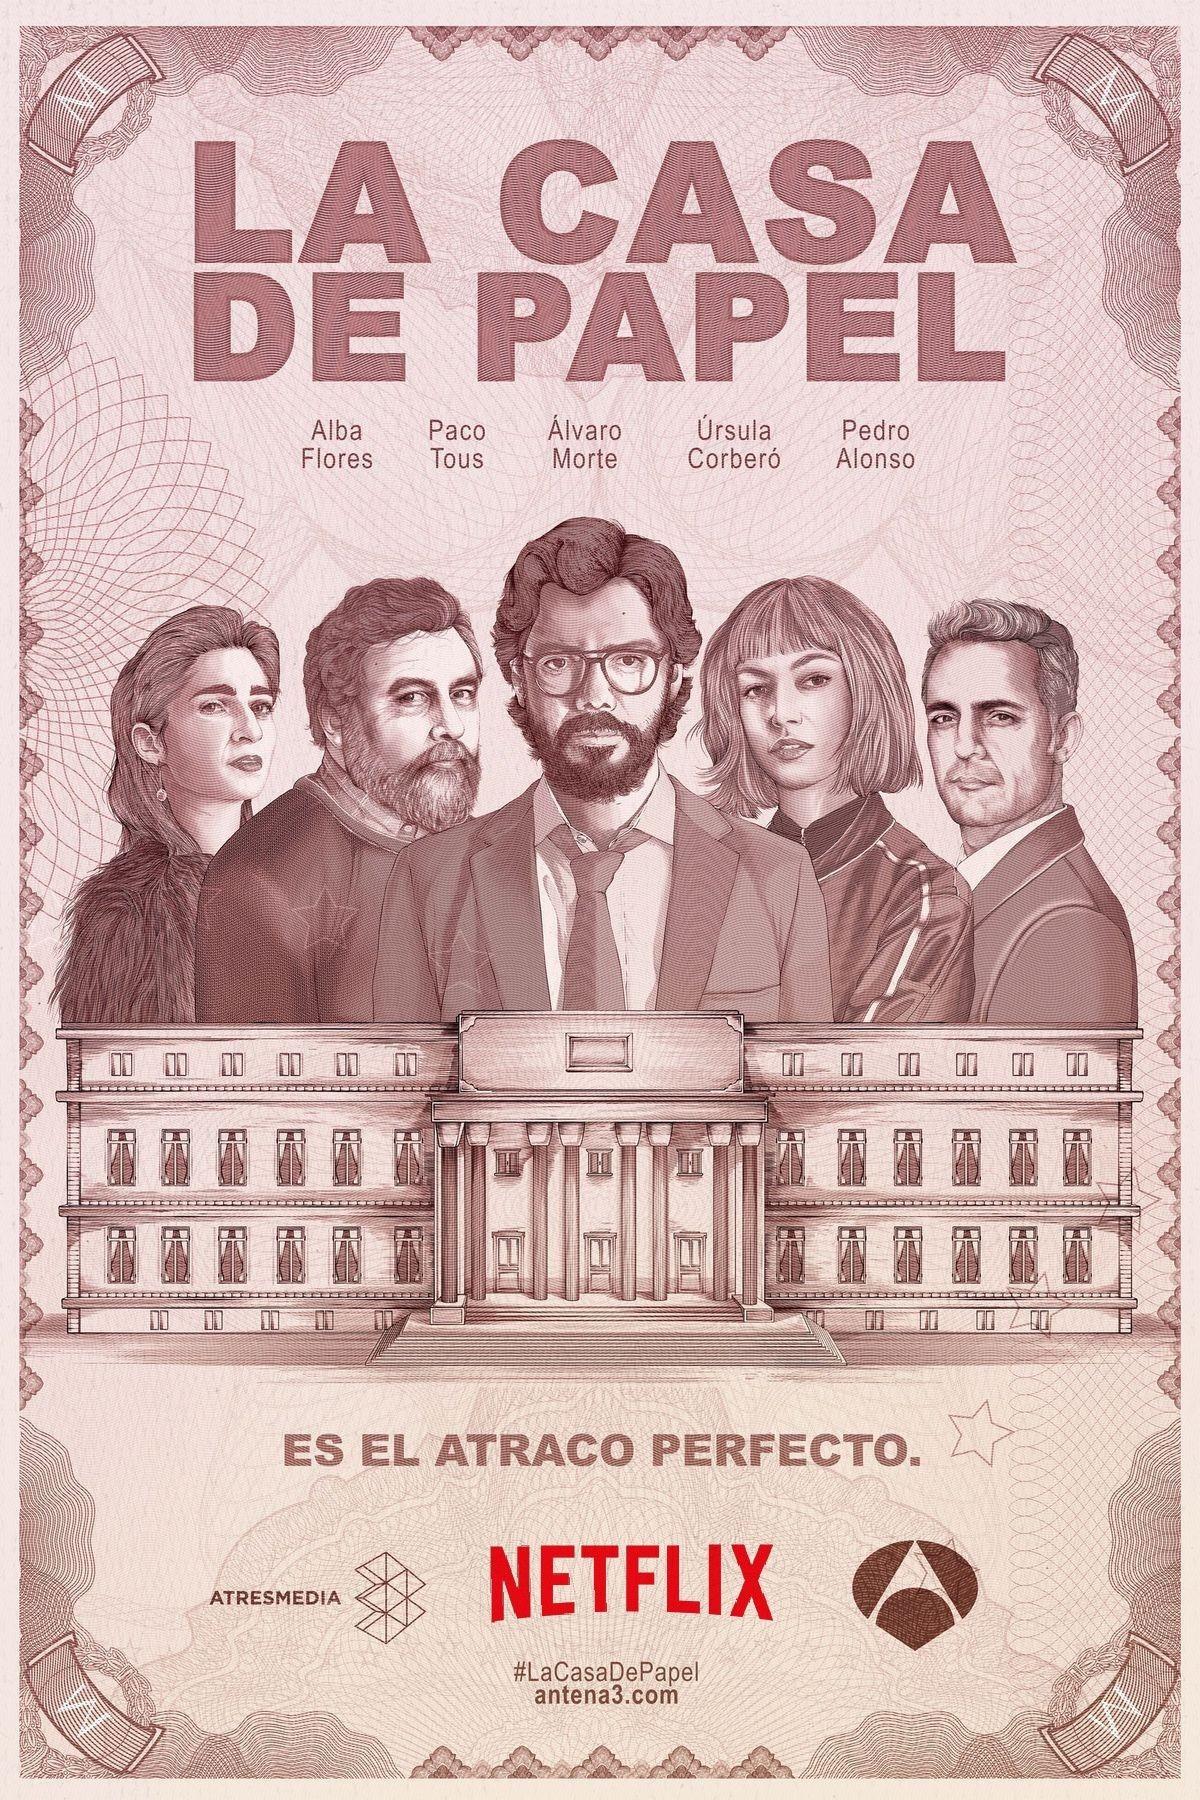 39 La Casa De Papel The Series List Pinterest All Episodes